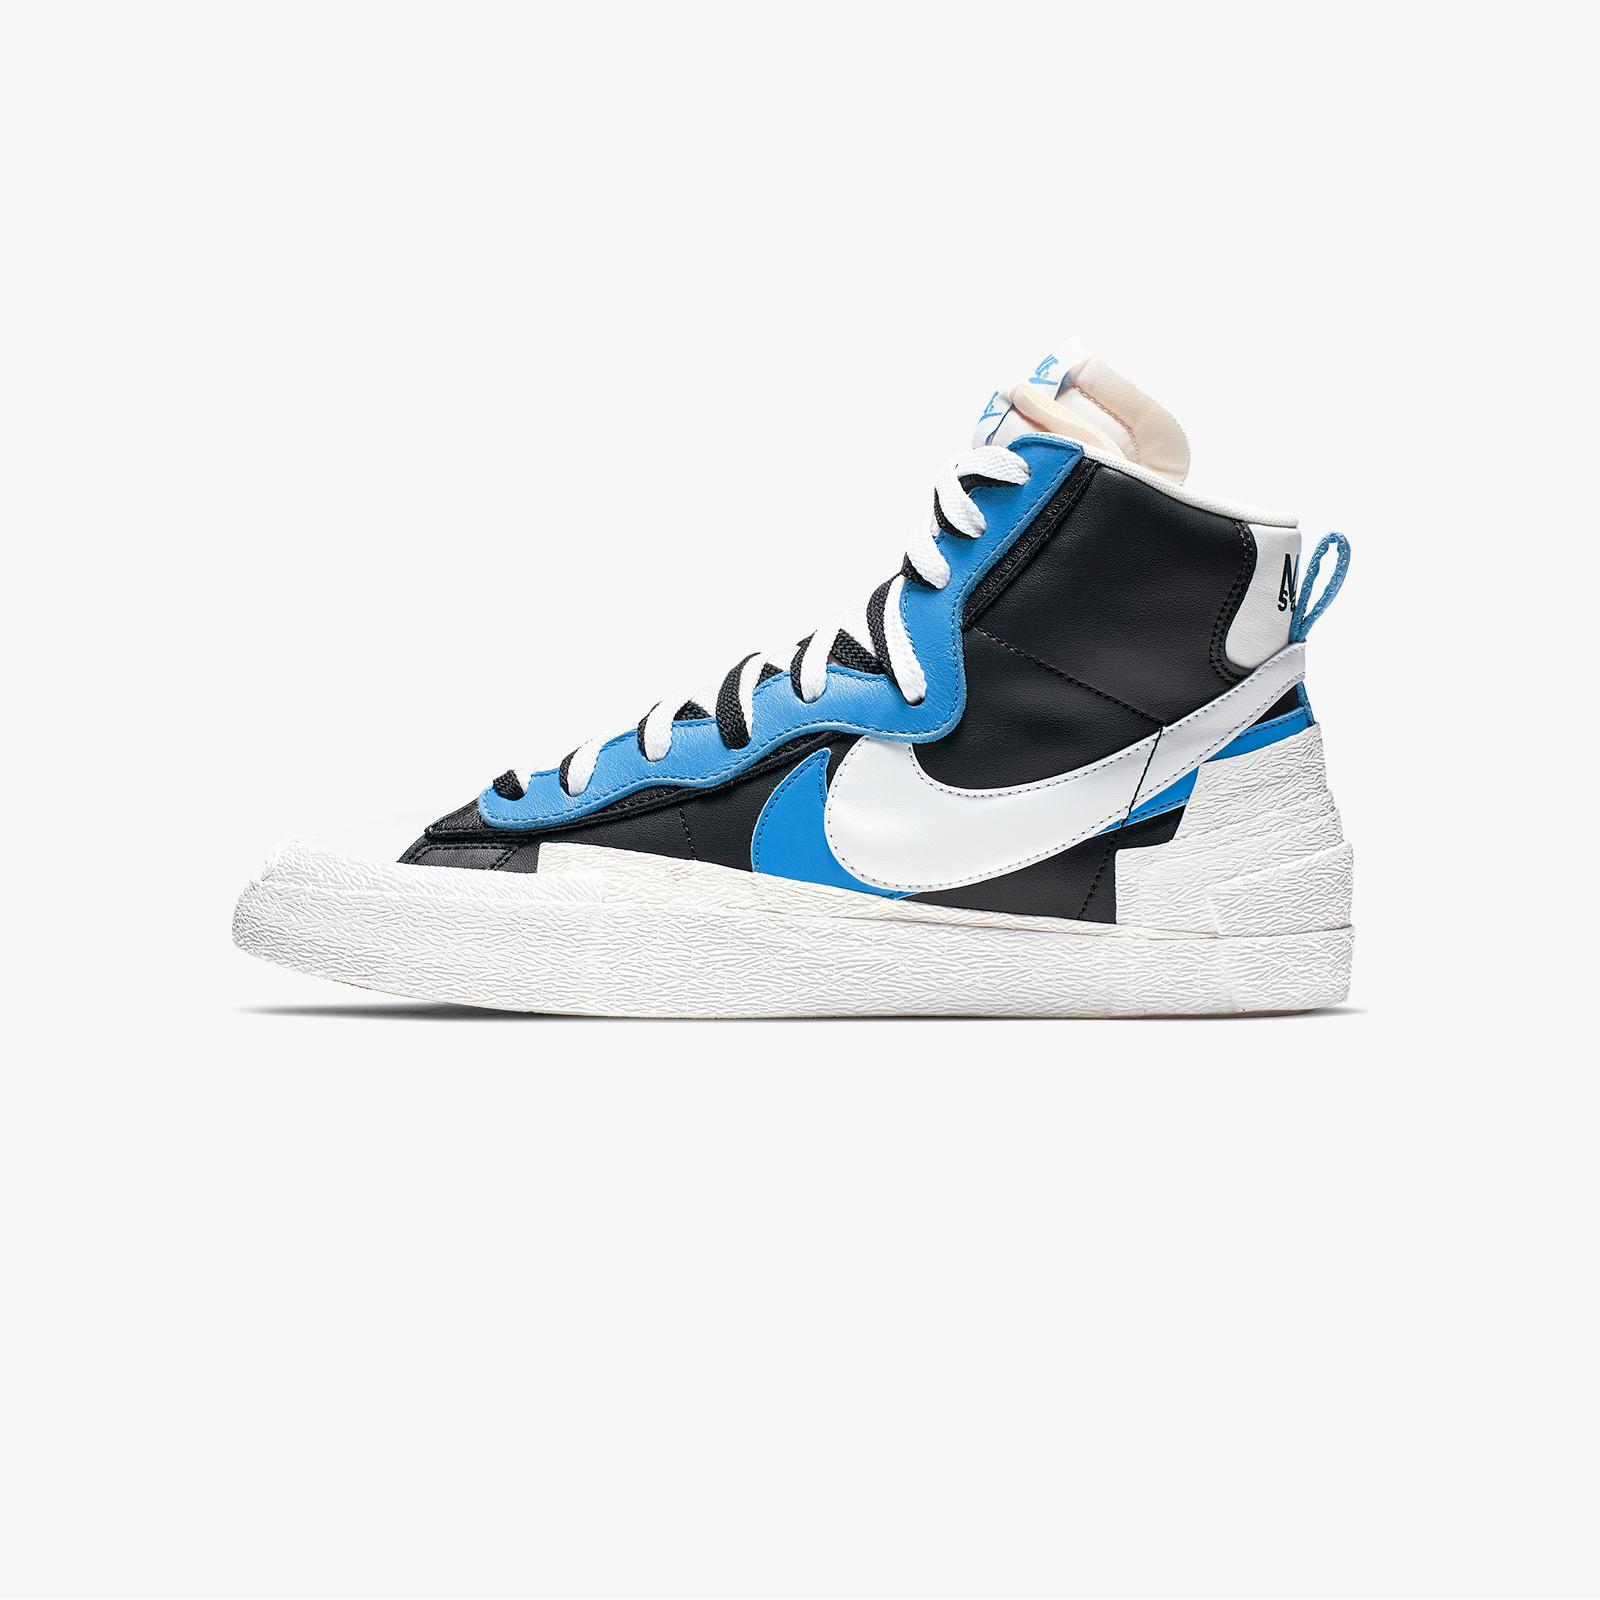 Mid SneakersnstuffSneakers Bv0072 Blazer 001 Sacai Nike wkNZ8nOX0P